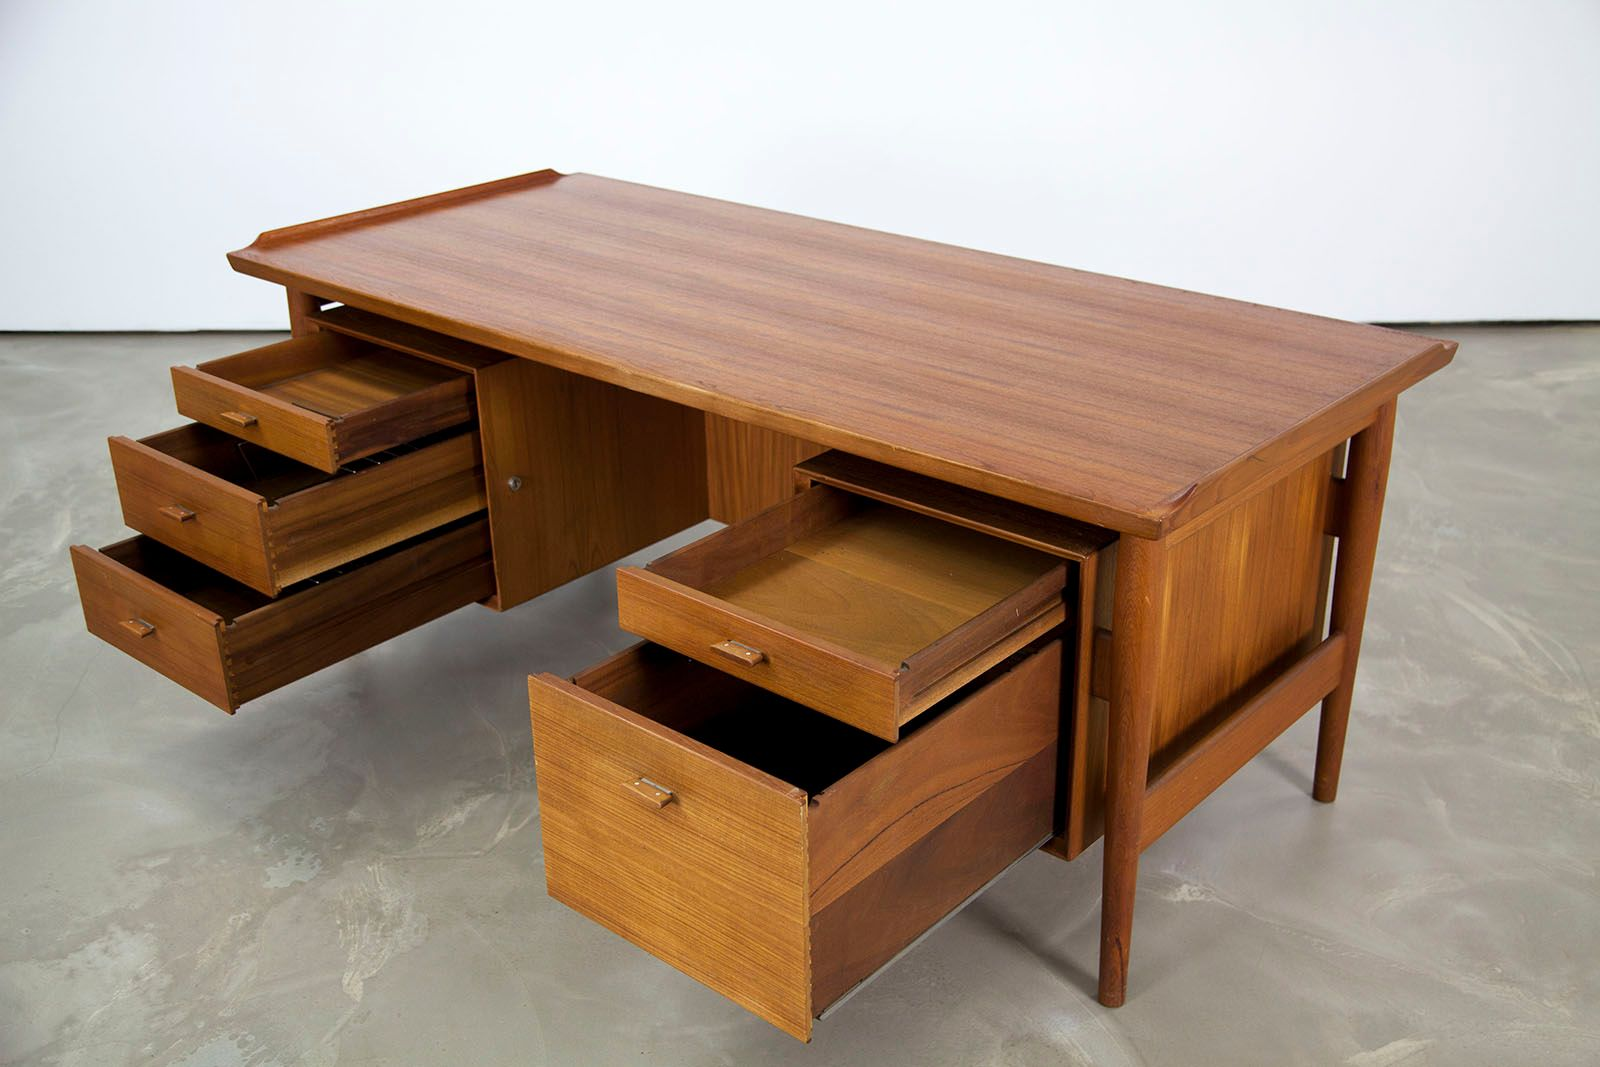 freistehender vintage teakholz schreibtisch von arne vodder f r sibast bei pamono kaufen. Black Bedroom Furniture Sets. Home Design Ideas